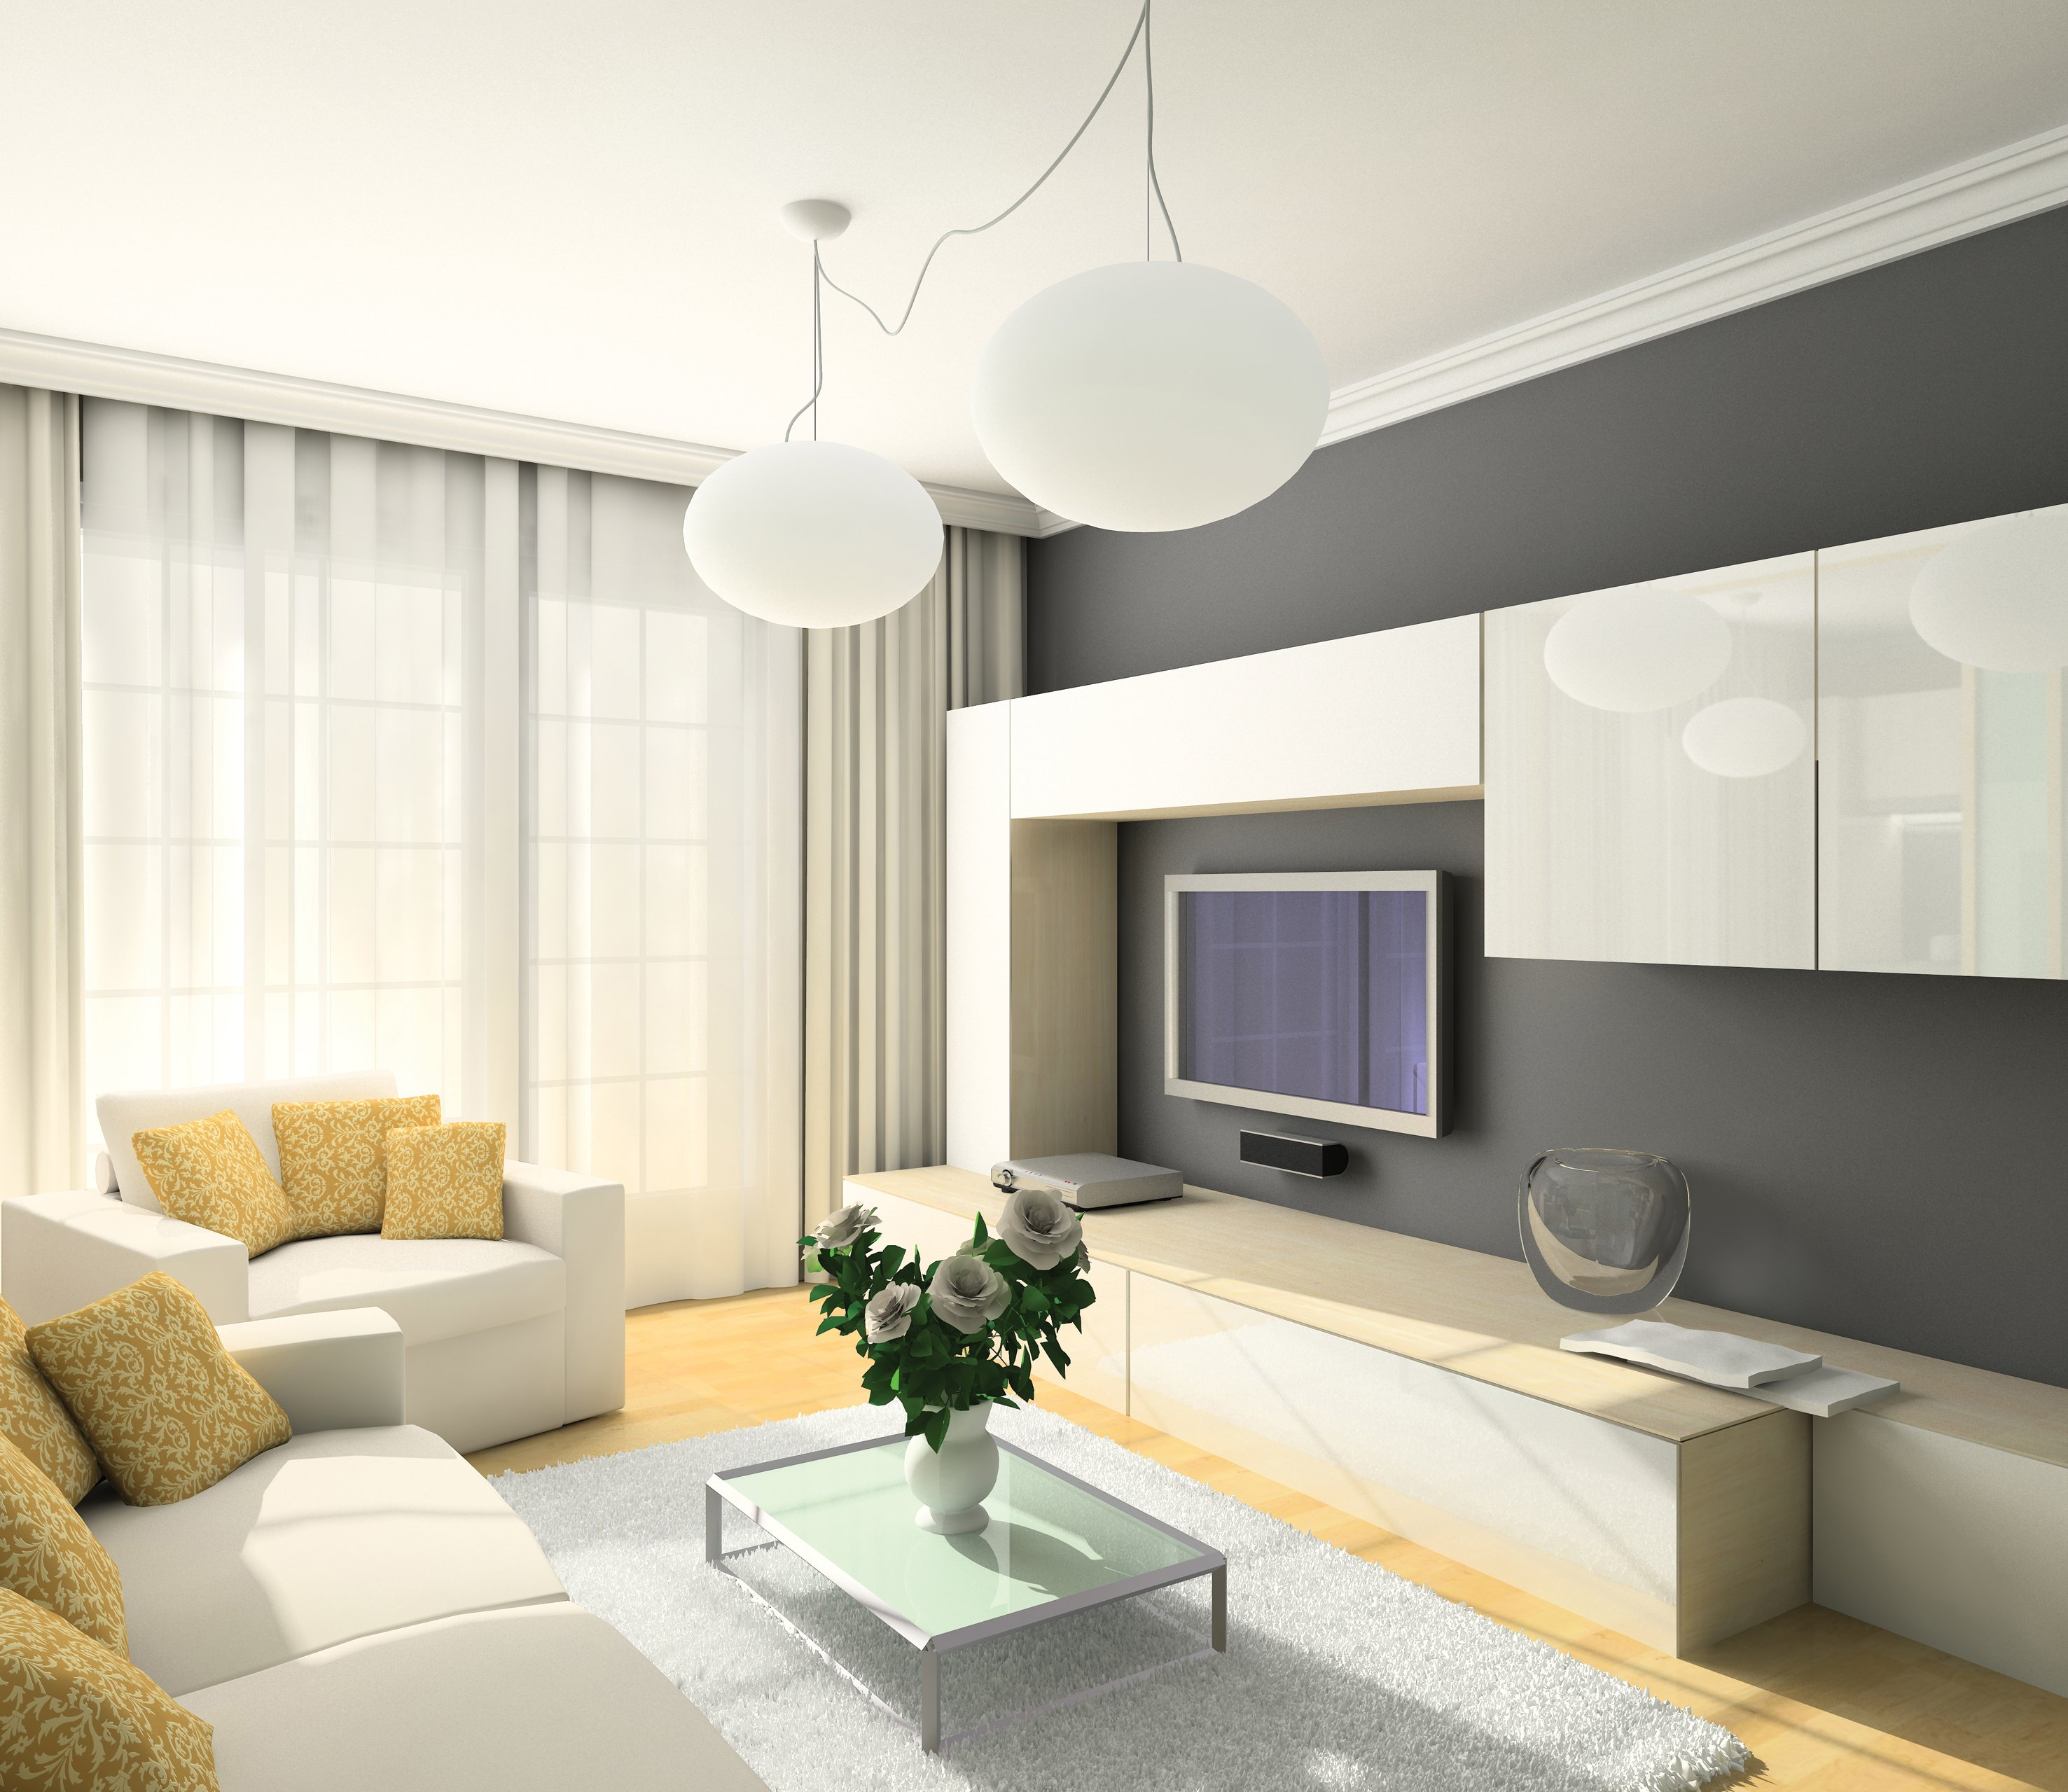 Дизайн проект гостиной 20 метров